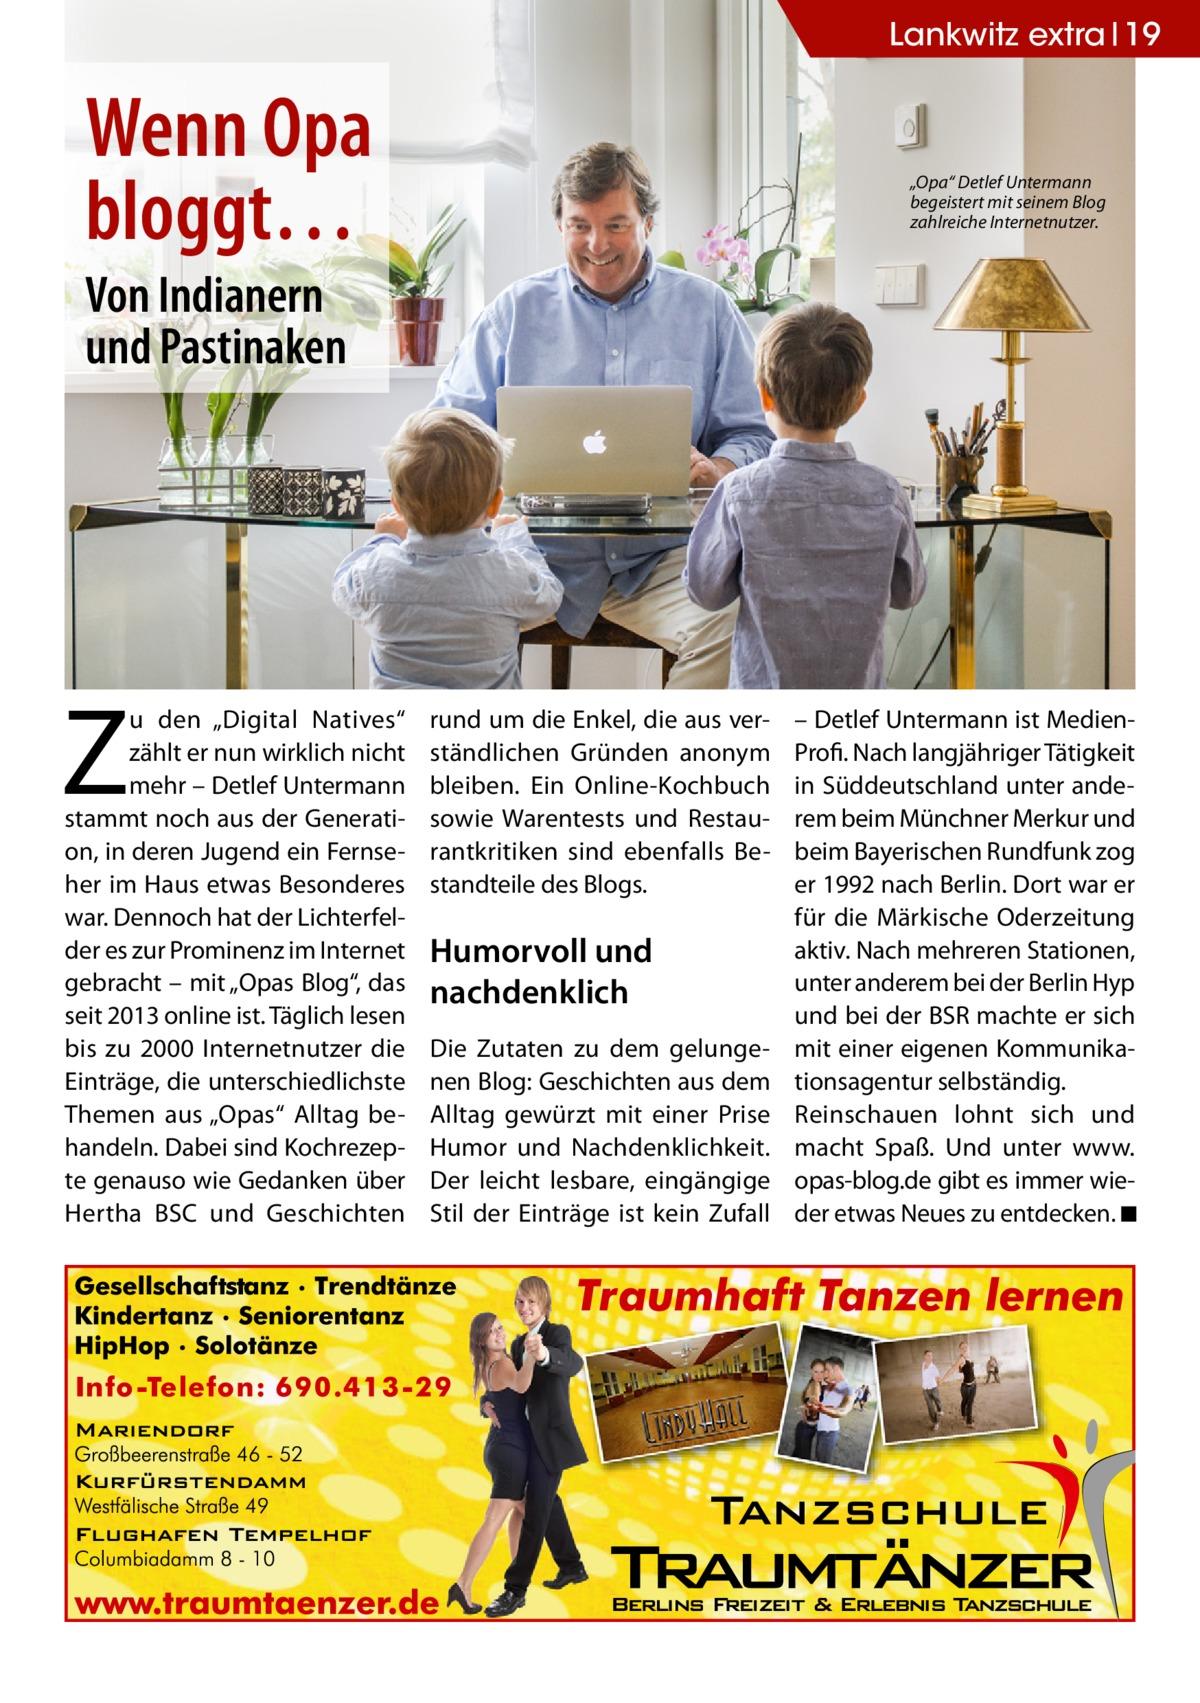 """Lankwitz extra 19  Wenn Opa bloggt…  """"Opa"""" Detlef Untermann begeistert mit seinem Blog zahlreiche Internetnutzer.  Von Indianern und Pastinaken  Z  u den """"Digital Natives"""" zählt er nun wirklich nicht mehr – Detlef Untermann stammt noch aus der Generation, in deren Jugend ein Fernseher im Haus etwas Besonderes war. Dennoch hat der Lichterfelder es zur Prominenz im Internet gebracht – mit """"Opas Blog"""", das seit 2013 online ist. Täglich lesen bis zu 2000 Internetnutzer die Einträge, die unterschiedlichste Themen aus """"Opas"""" Alltag behandeln. Dabei sind Kochrezepte genauso wie Gedanken über Hertha BSC und Geschichten  rund um die Enkel, die aus verständlichen Gründen anonym bleiben. Ein Online-Kochbuch sowie Warentests und Restaurantkritiken sind ebenfalls Bestandteile des Blogs.  Humorvoll und nachdenklich Die Zutaten zu dem gelungenen Blog: Geschichten aus dem Alltag gewürzt mit einer Prise Humor und Nachdenklichkeit. Der leicht lesbare, eingängige Stil der Einträge ist kein Zufall  – Detlef Untermann ist MedienProfi. Nach langjähriger Tätigkeit in Süddeutschland unter anderem beim Münchner Merkur und beim Bayerischen Rundfunk zog er 1992 nach Berlin. Dort war er für die Märkische Oderzeitung aktiv. Nach mehreren Stationen, unter anderem bei der Berlin Hyp und bei der BSR machte er sich mit einer eigenen Kommunikationsagentur selbständig. Reinschauen lohnt sich und macht Spaß. Und unter www. opas-blog.de gibt es immer wieder etwas Neues zu entdecken. ◾"""